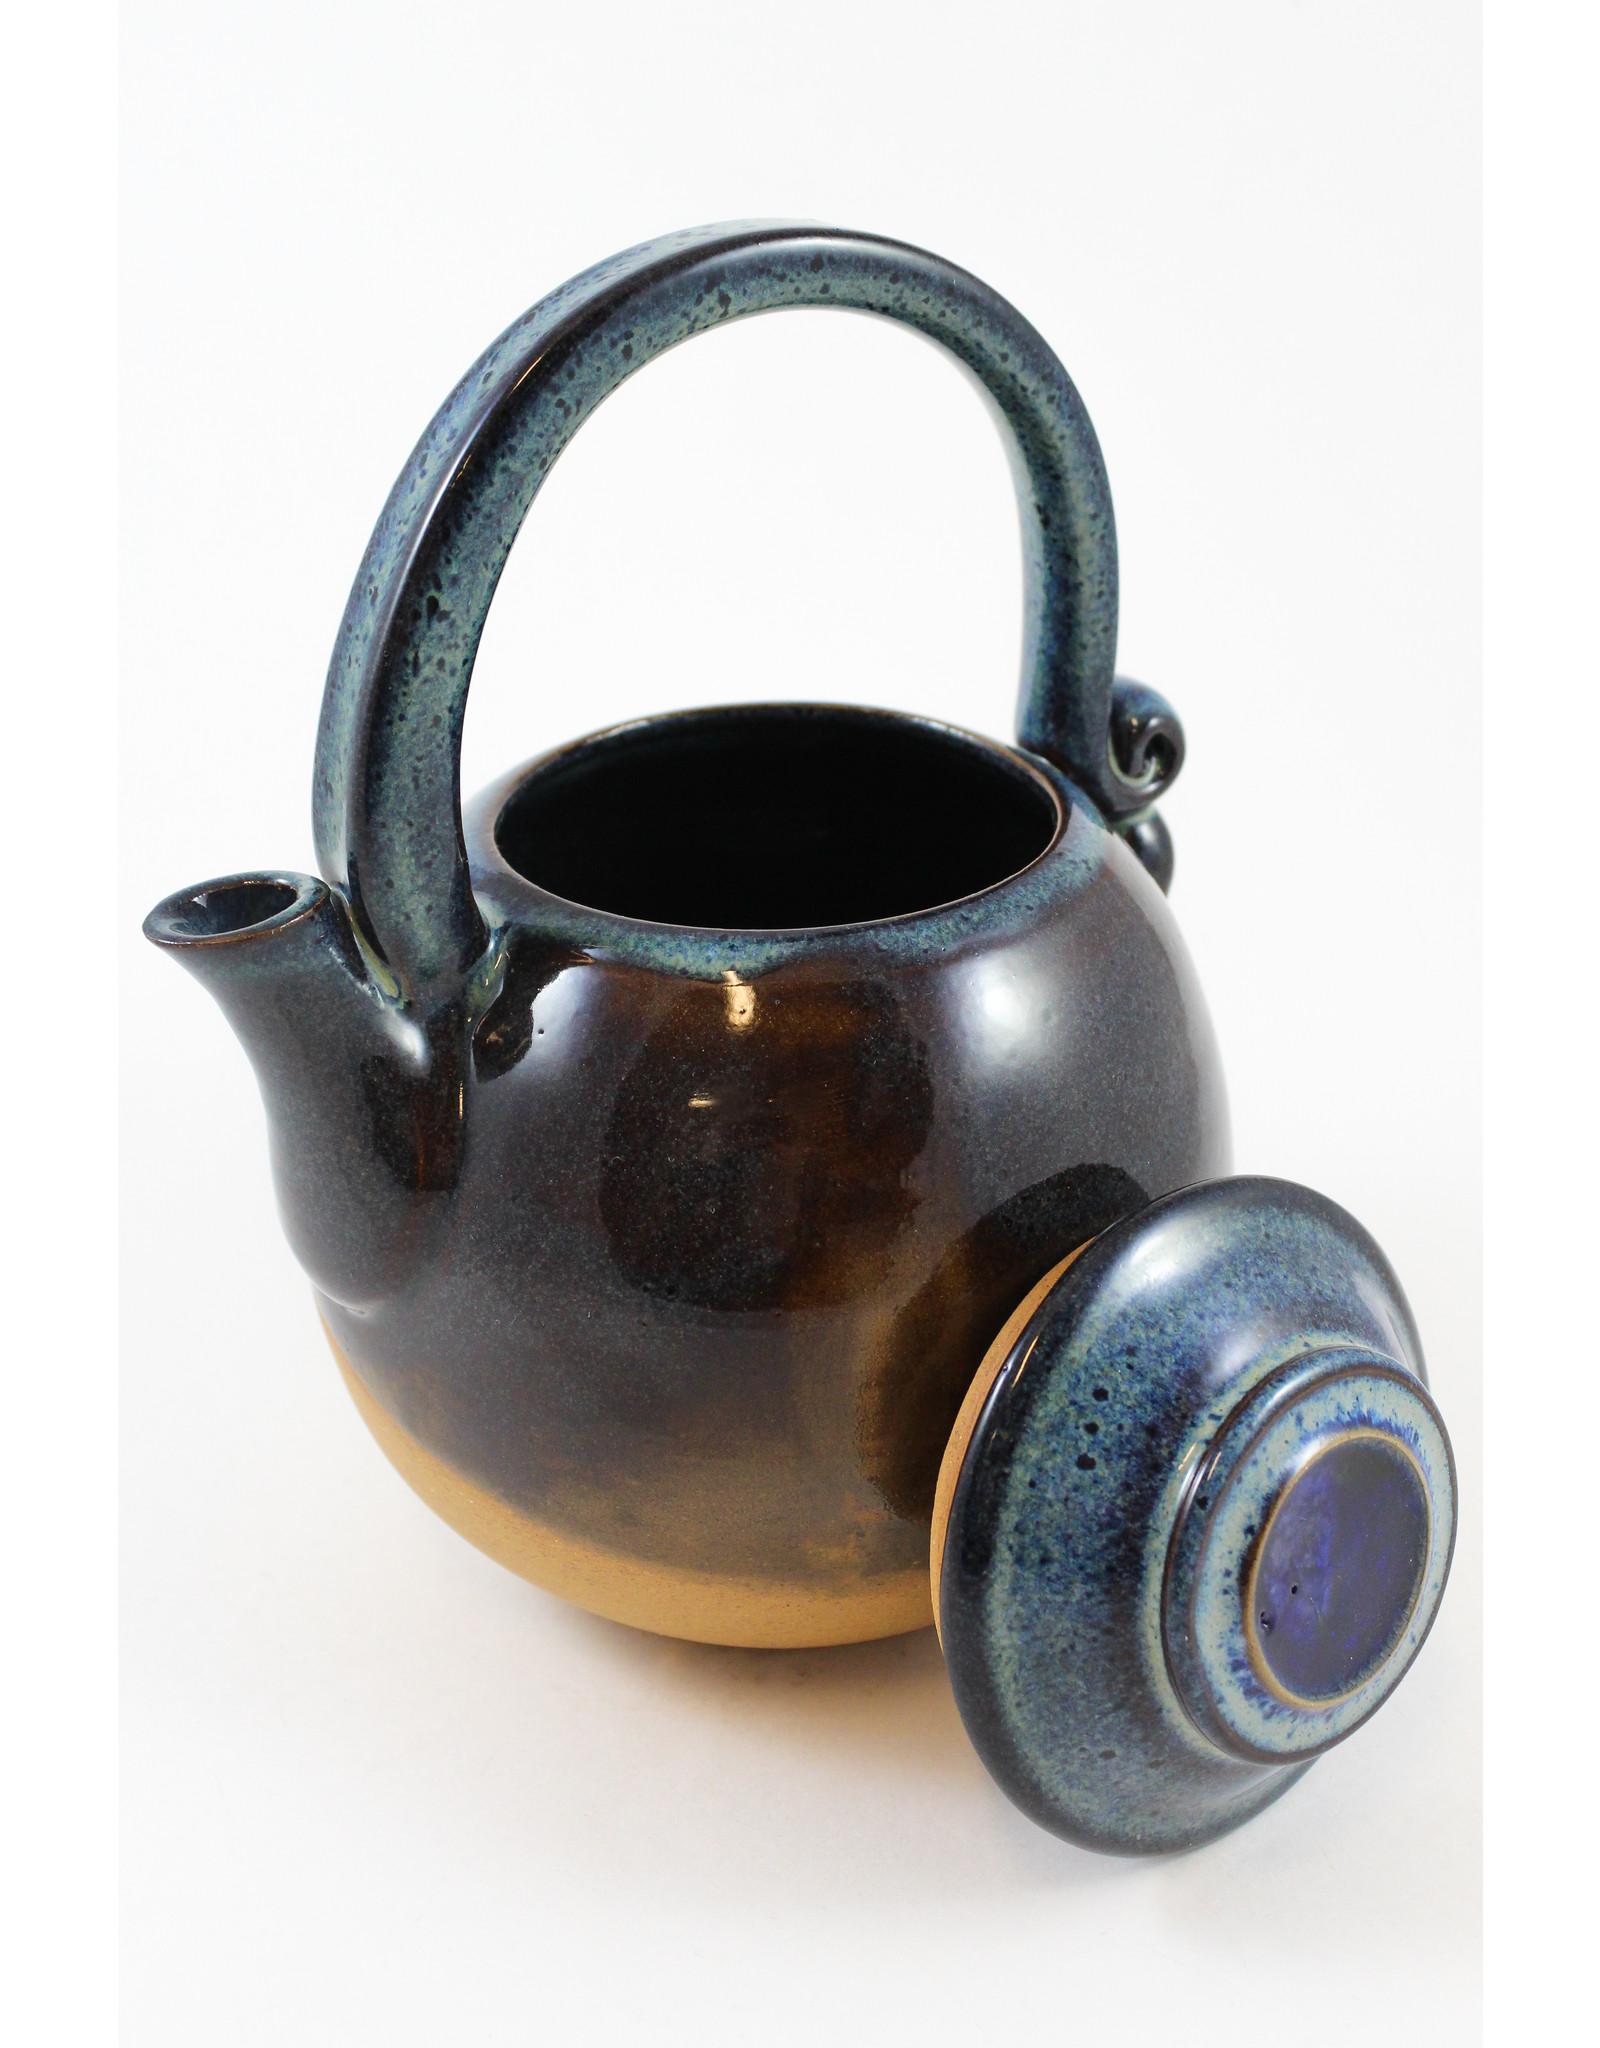 Jitka Zgola Teapots by Jitka Zgola